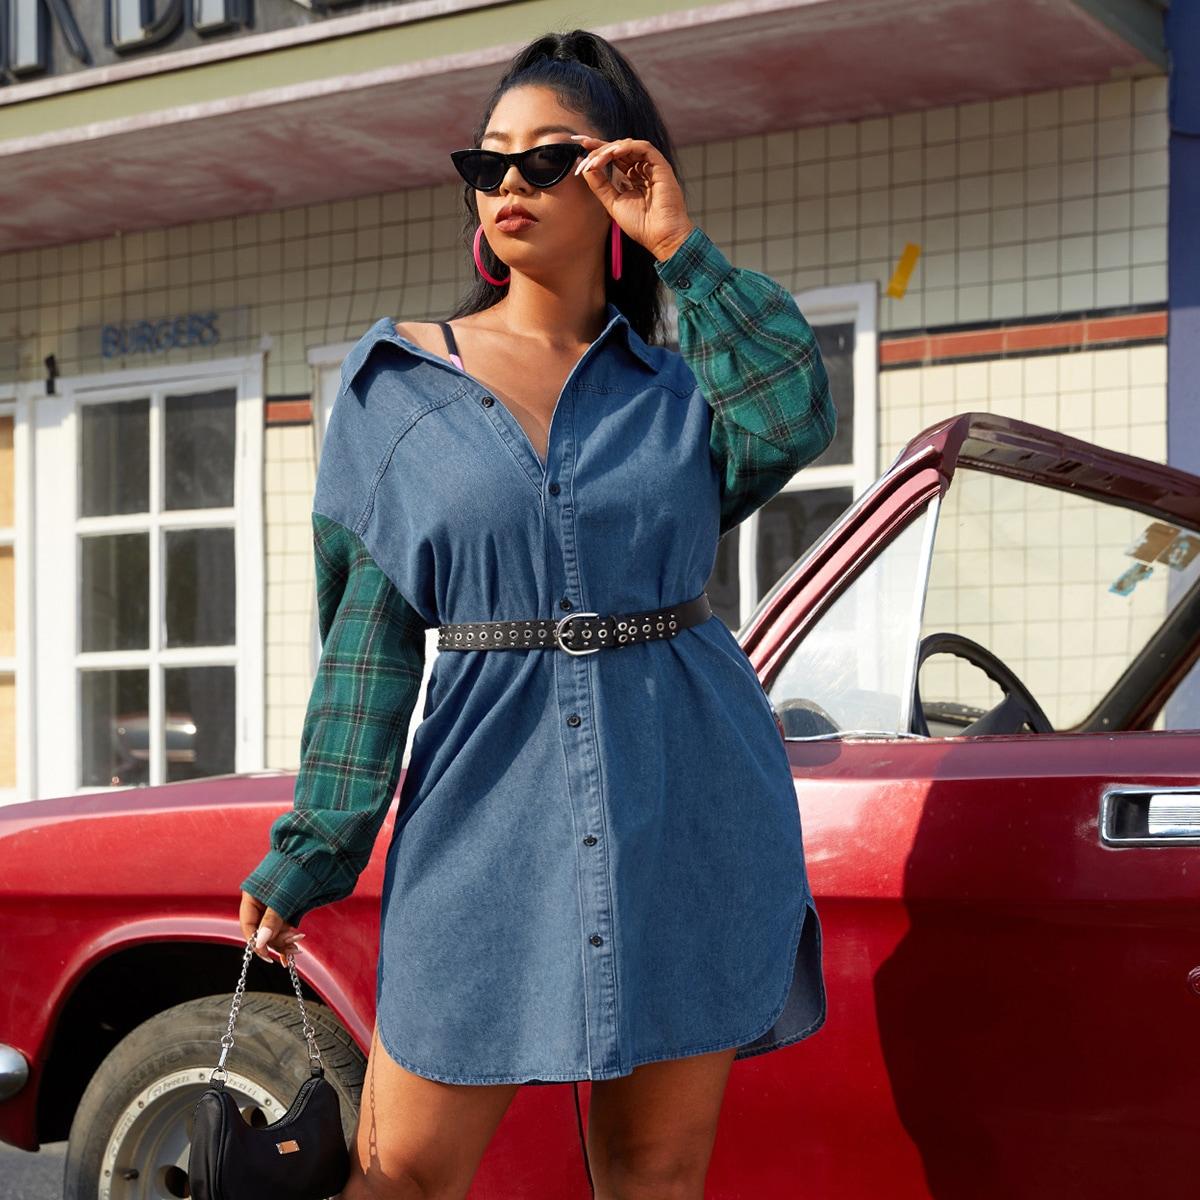 Джинсовое платье размера плюс в клетку без пояса